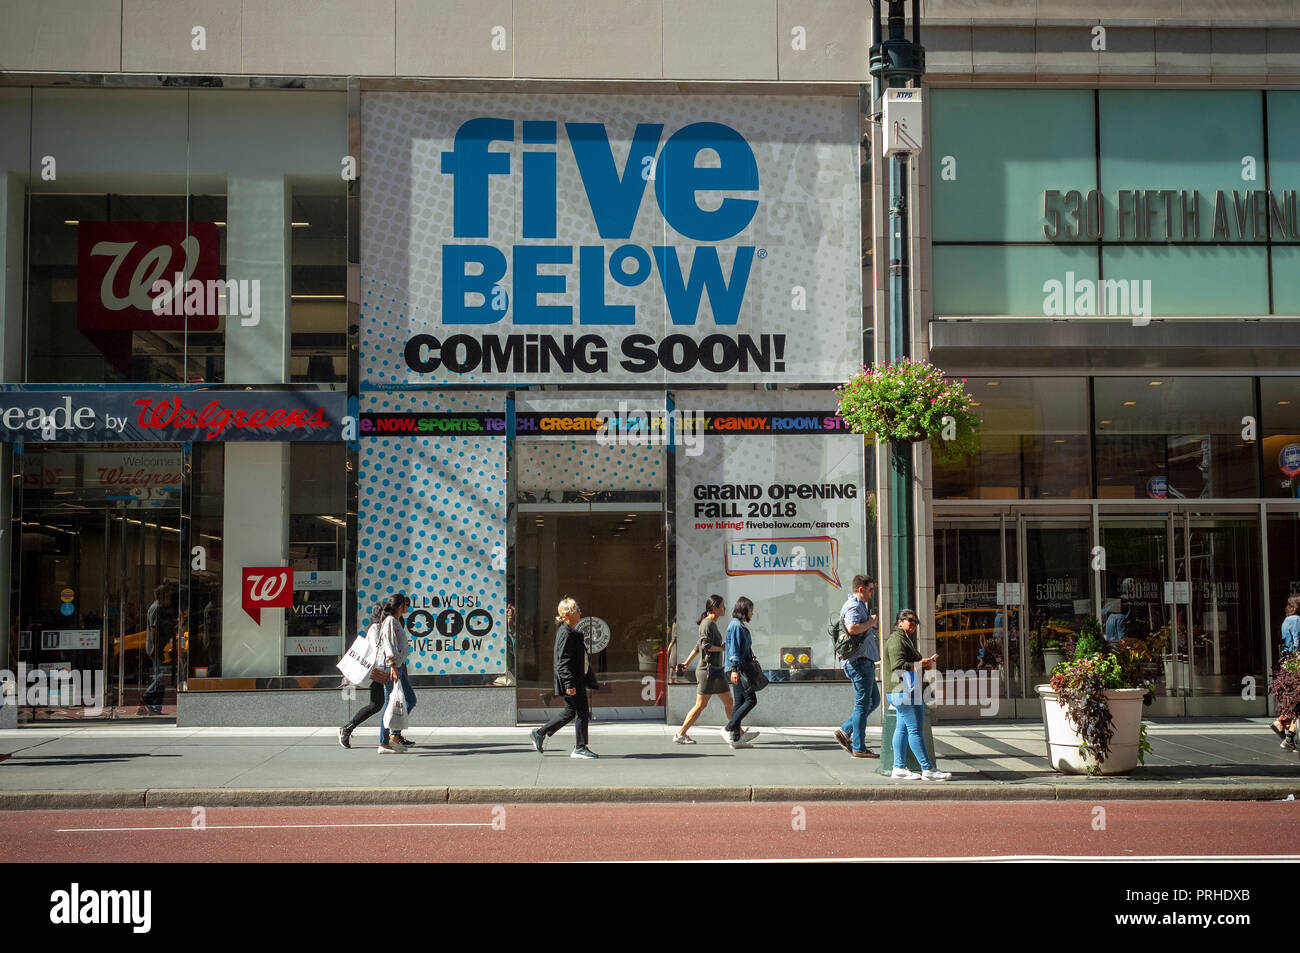 Five Below Store Stock Photos & Five Below Store Stock